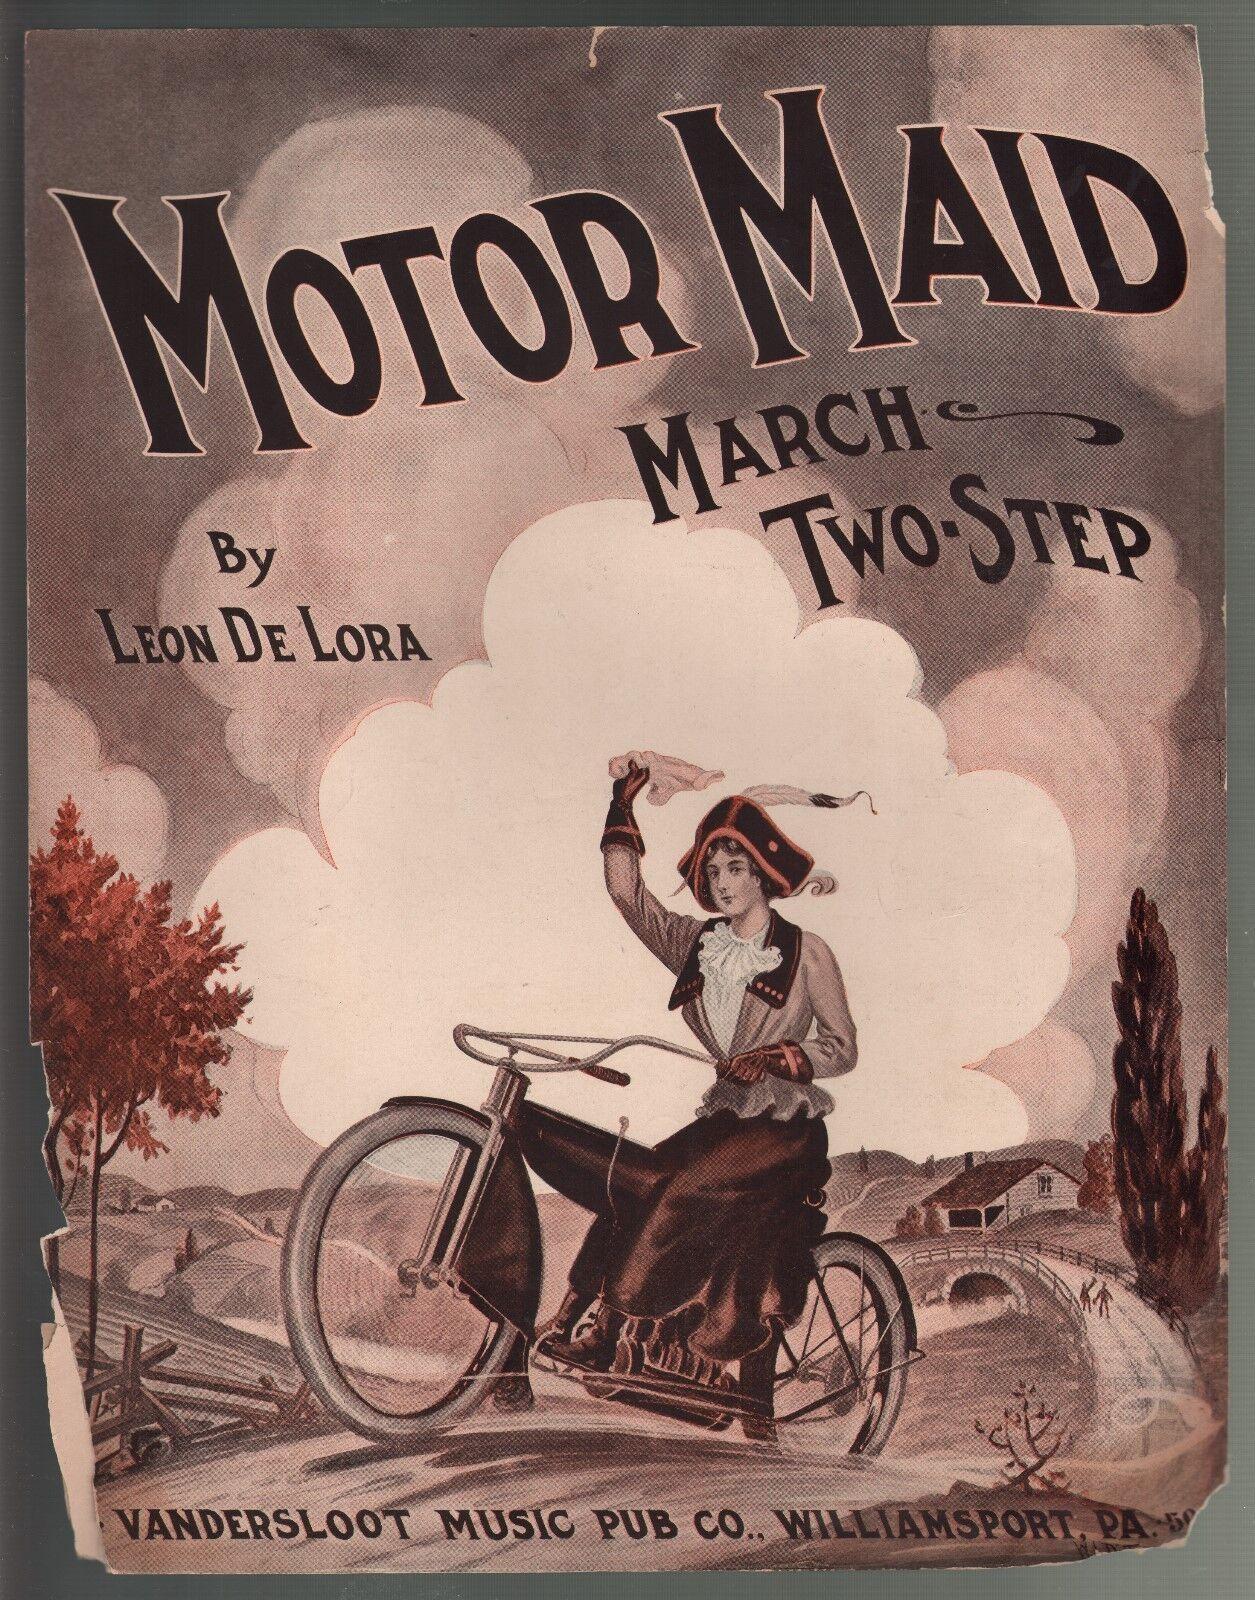 Motor Maid Maid Maid marzo 1912 Gran Formato Partituras  bajo precio del 40%